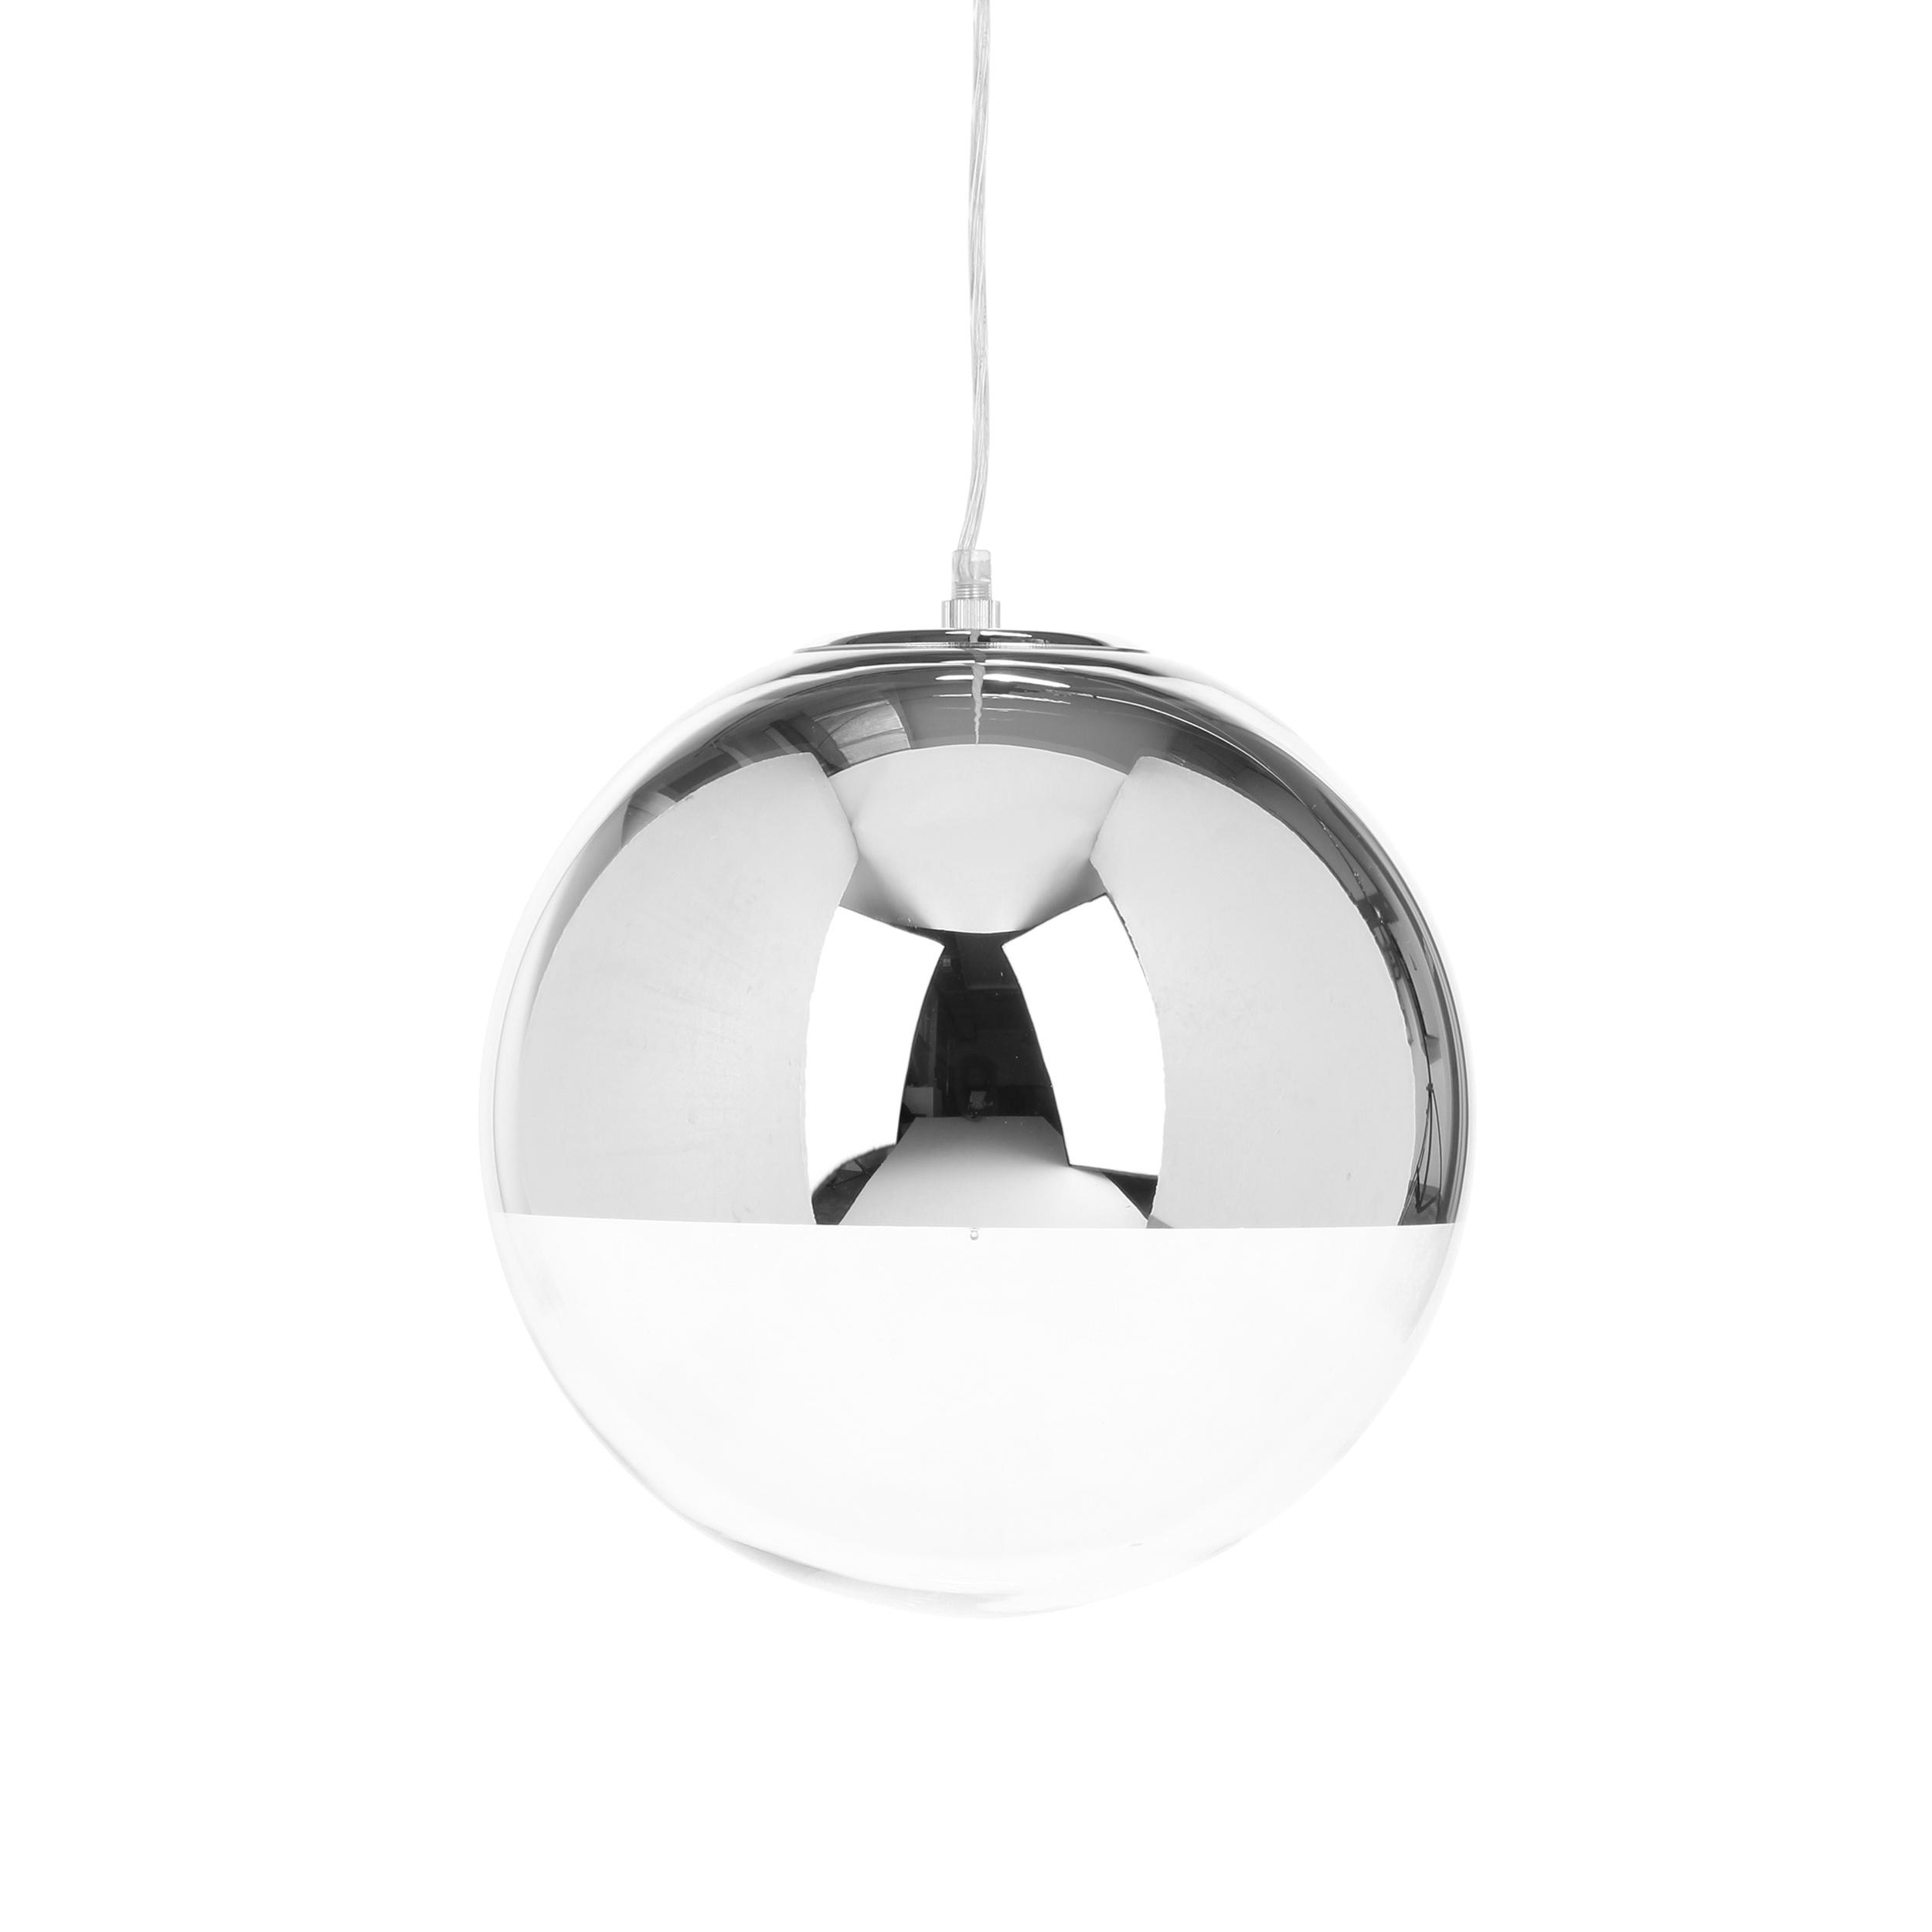 Подвесной светильник Mirror Ball диаметр 30Подвесные<br>Оригинальный и стильный — таким создали подвесной светильник Mirror Ball диаметр 30<br>ведущие дизайнеры западных направлений. Светильник представляет собой небольшую сферу, наполовину прозрачную, наполовину хромированную, за счет чего достигается некий эффект сконцентрированного освещения. Кроме того, поверхность светильника обладает зеркальными свойствами.<br><br><br><br><br> Абажур подвесного светильника Mirror Ball диаметр 30 сделан из прозрачного стекла и из прочной стали. Такое сочетание прид...<br><br>stock: 11<br>Высота: 30<br>Диаметр: 30<br>Количество ламп: 1<br>Материал абажура: Стекло<br>Материал арматуры: Сталь<br>Мощность лампы: 40<br>Ламп в комплекте: Нет<br>Напряжение: 220<br>Тип лампы/цоколь: E27<br>Цвет абажура: Хром<br>Цвет арматуры: Хром